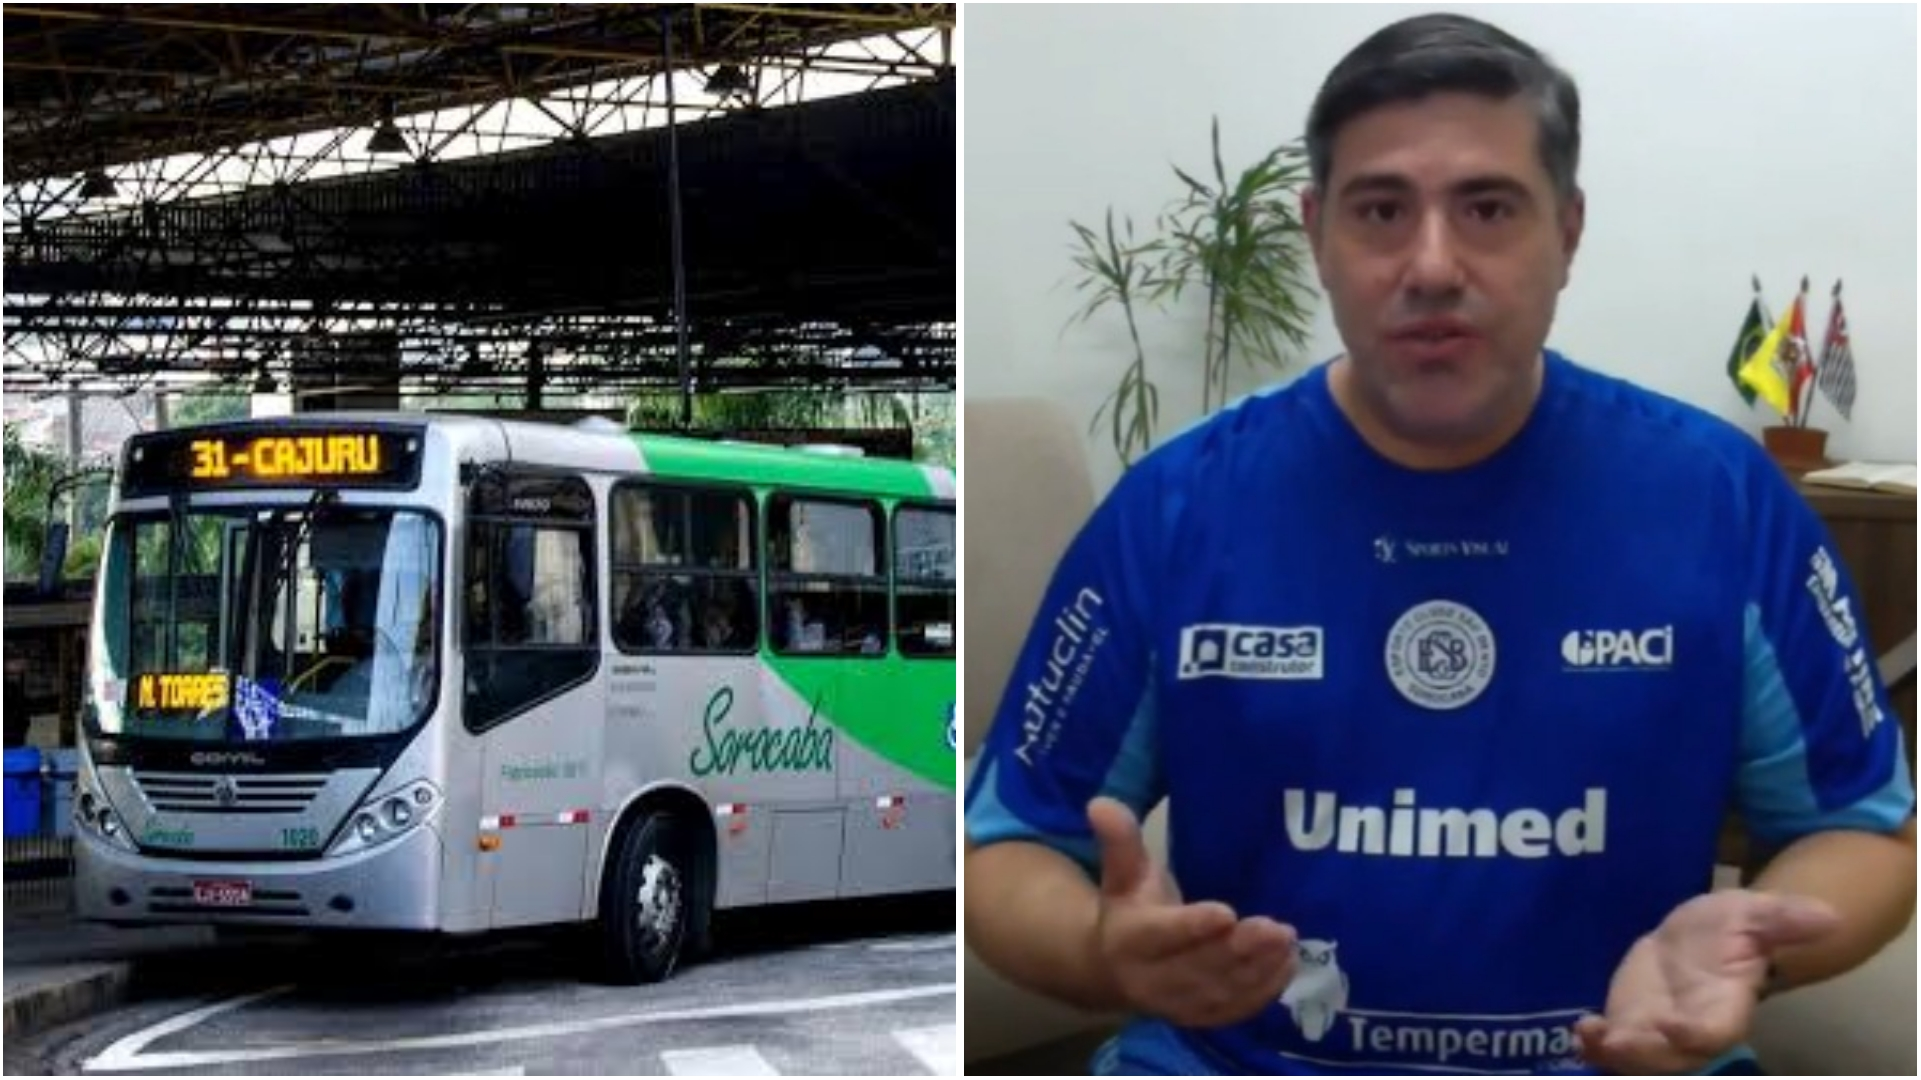 Transporte público de graça pode ser realidade em Sorocaba